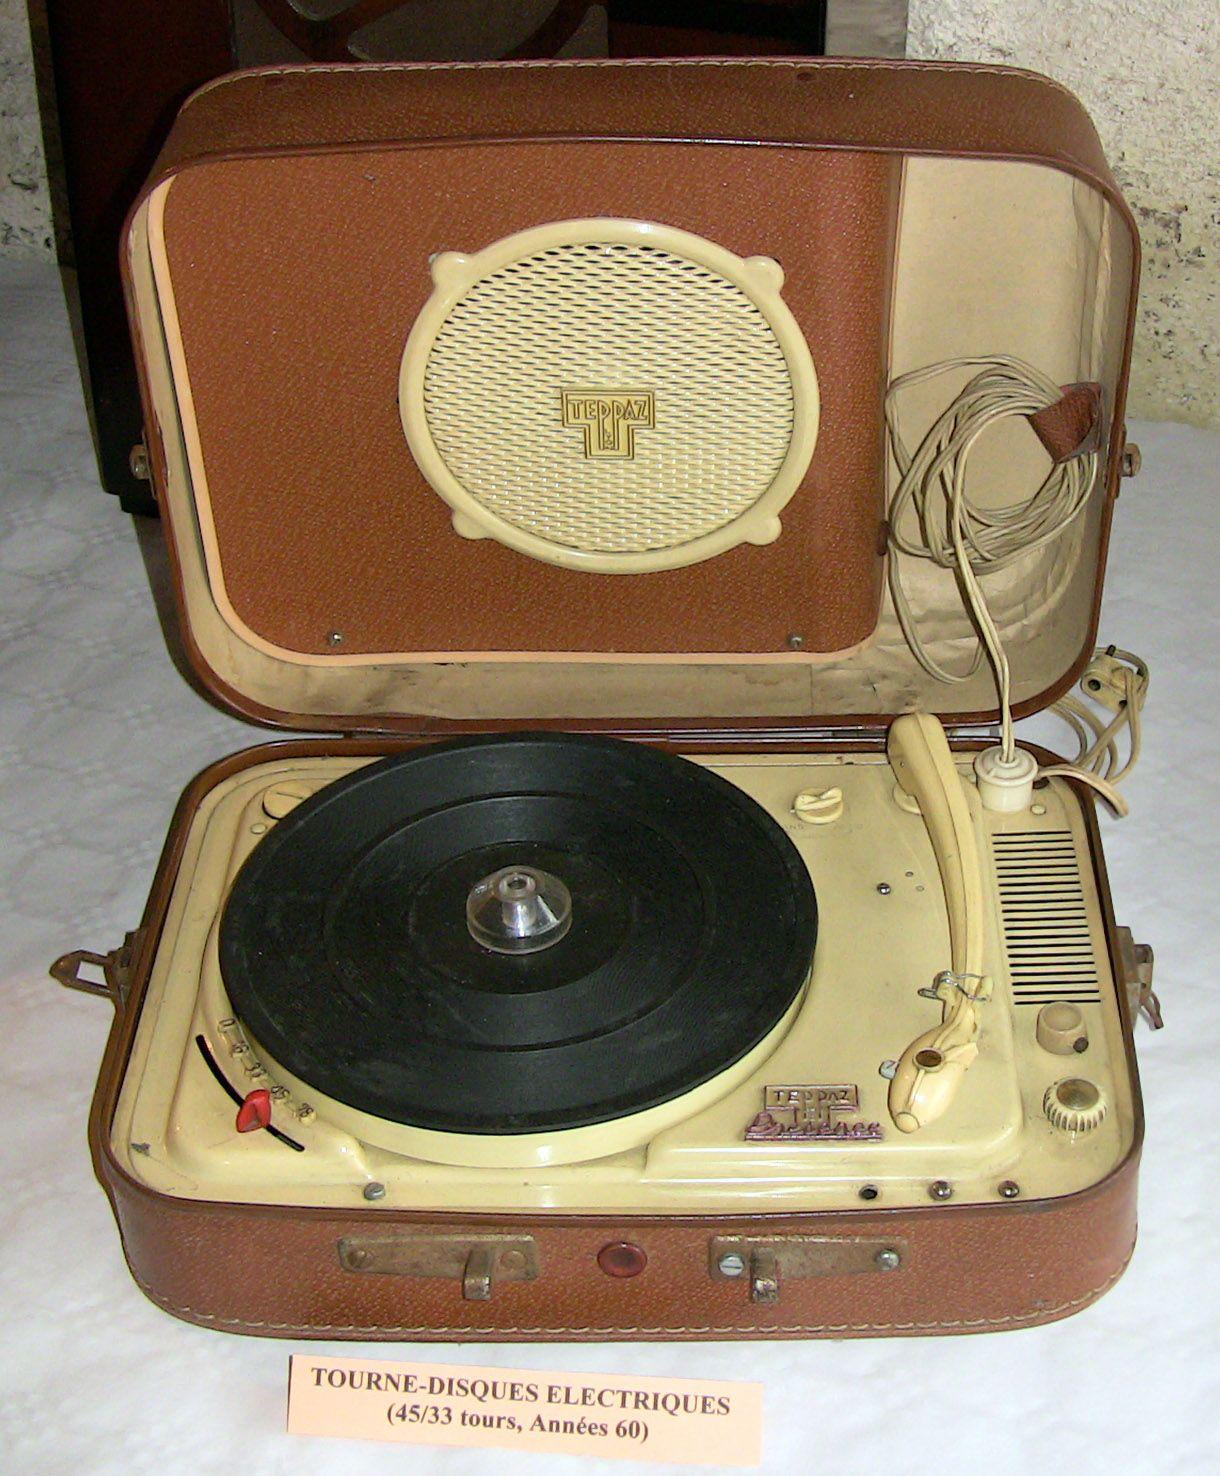 Tourne disque electrique annees 60 un teppaz - Tourne disque avec haut parleur integre ...